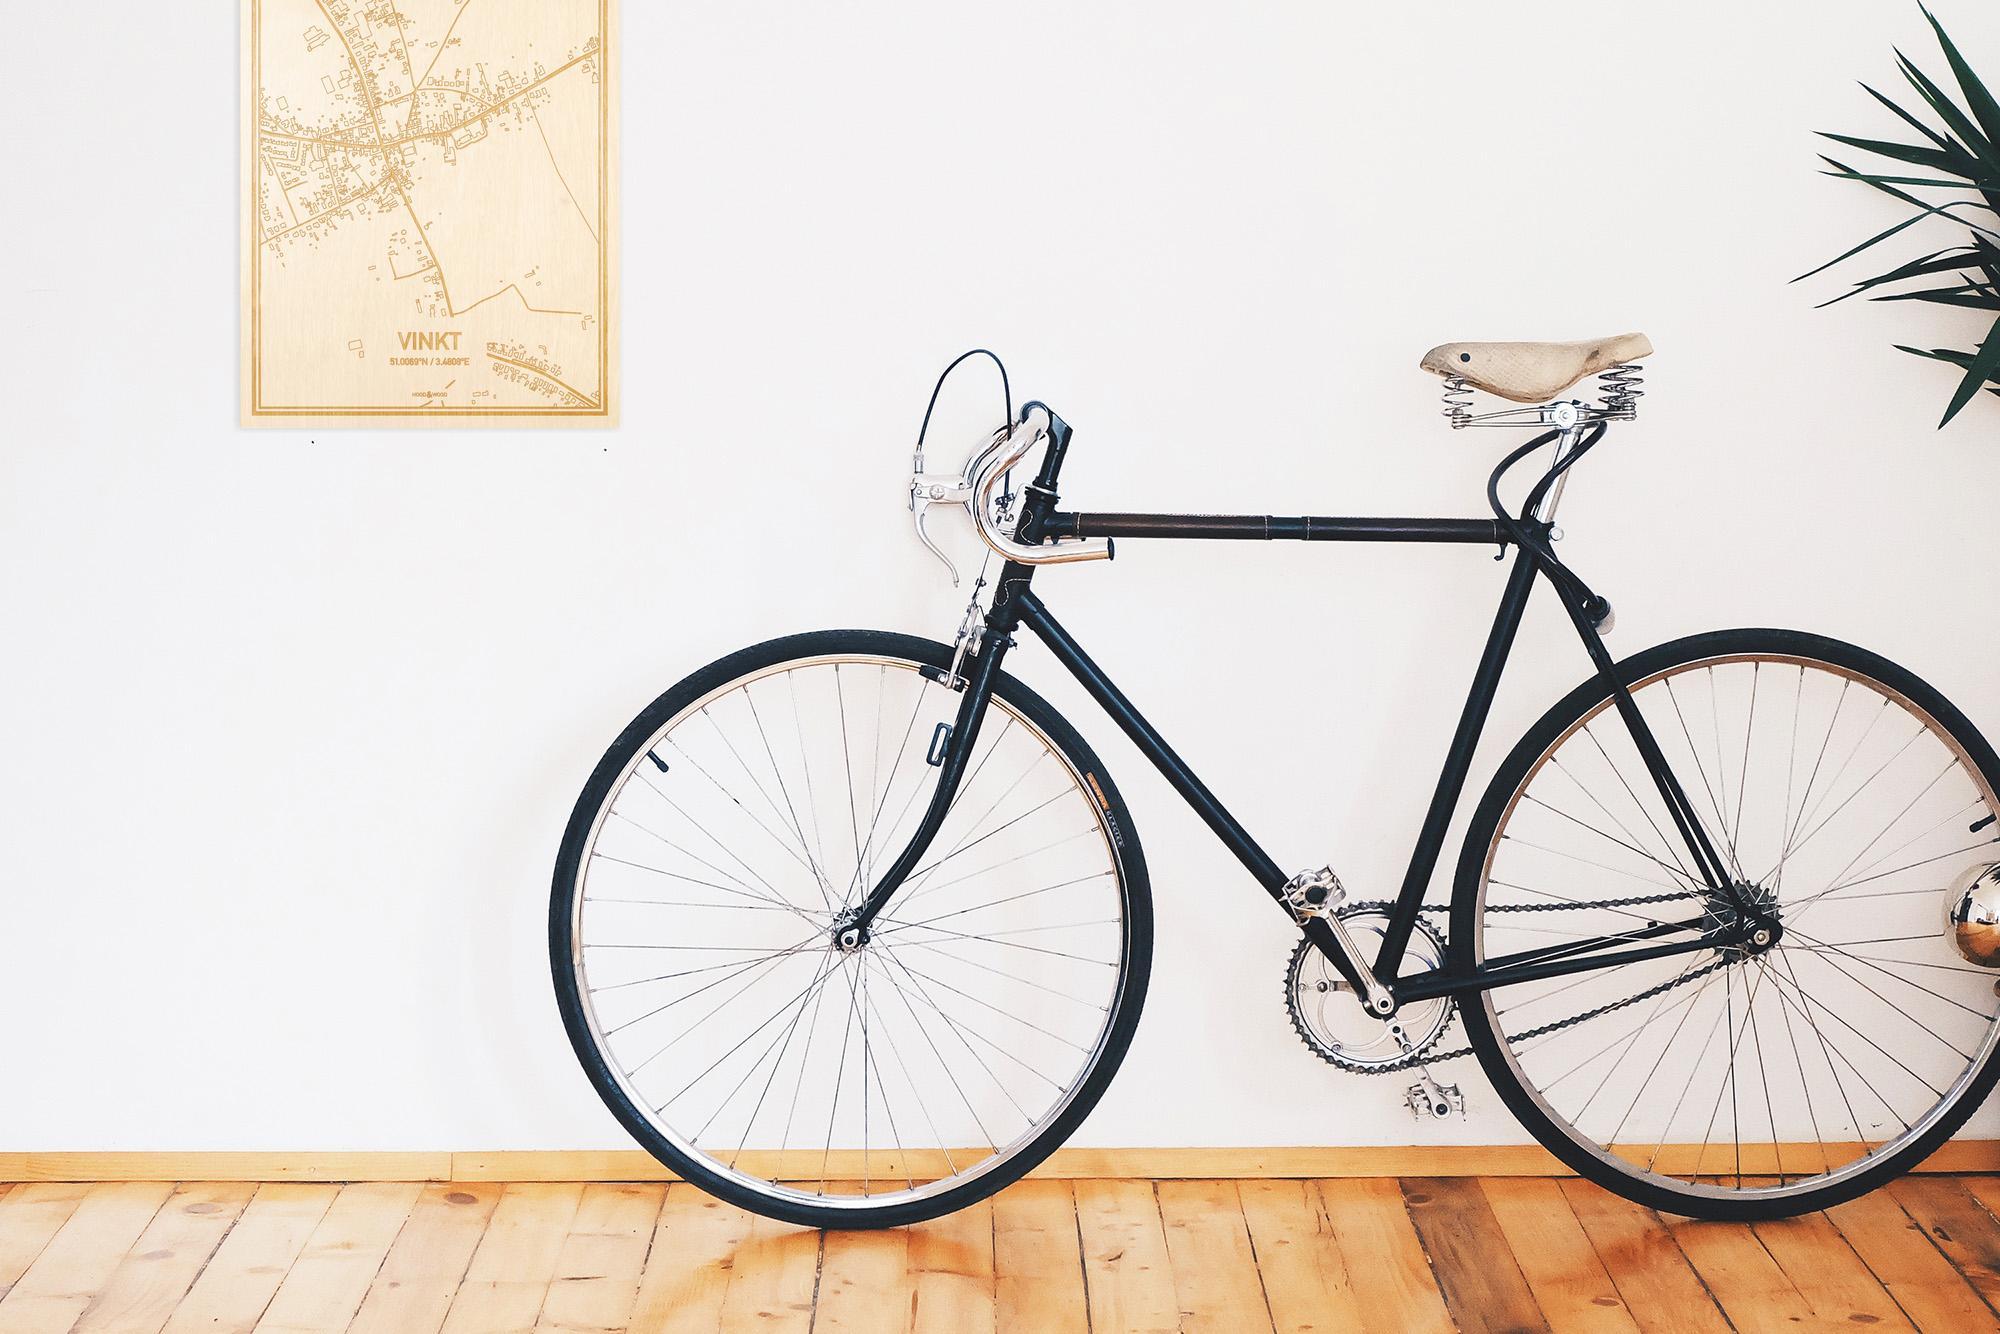 Een snelle fiets in een uniek interieur in Oost-Vlaanderen  met mooie decoratie zoals de plattegrond Vinkt.